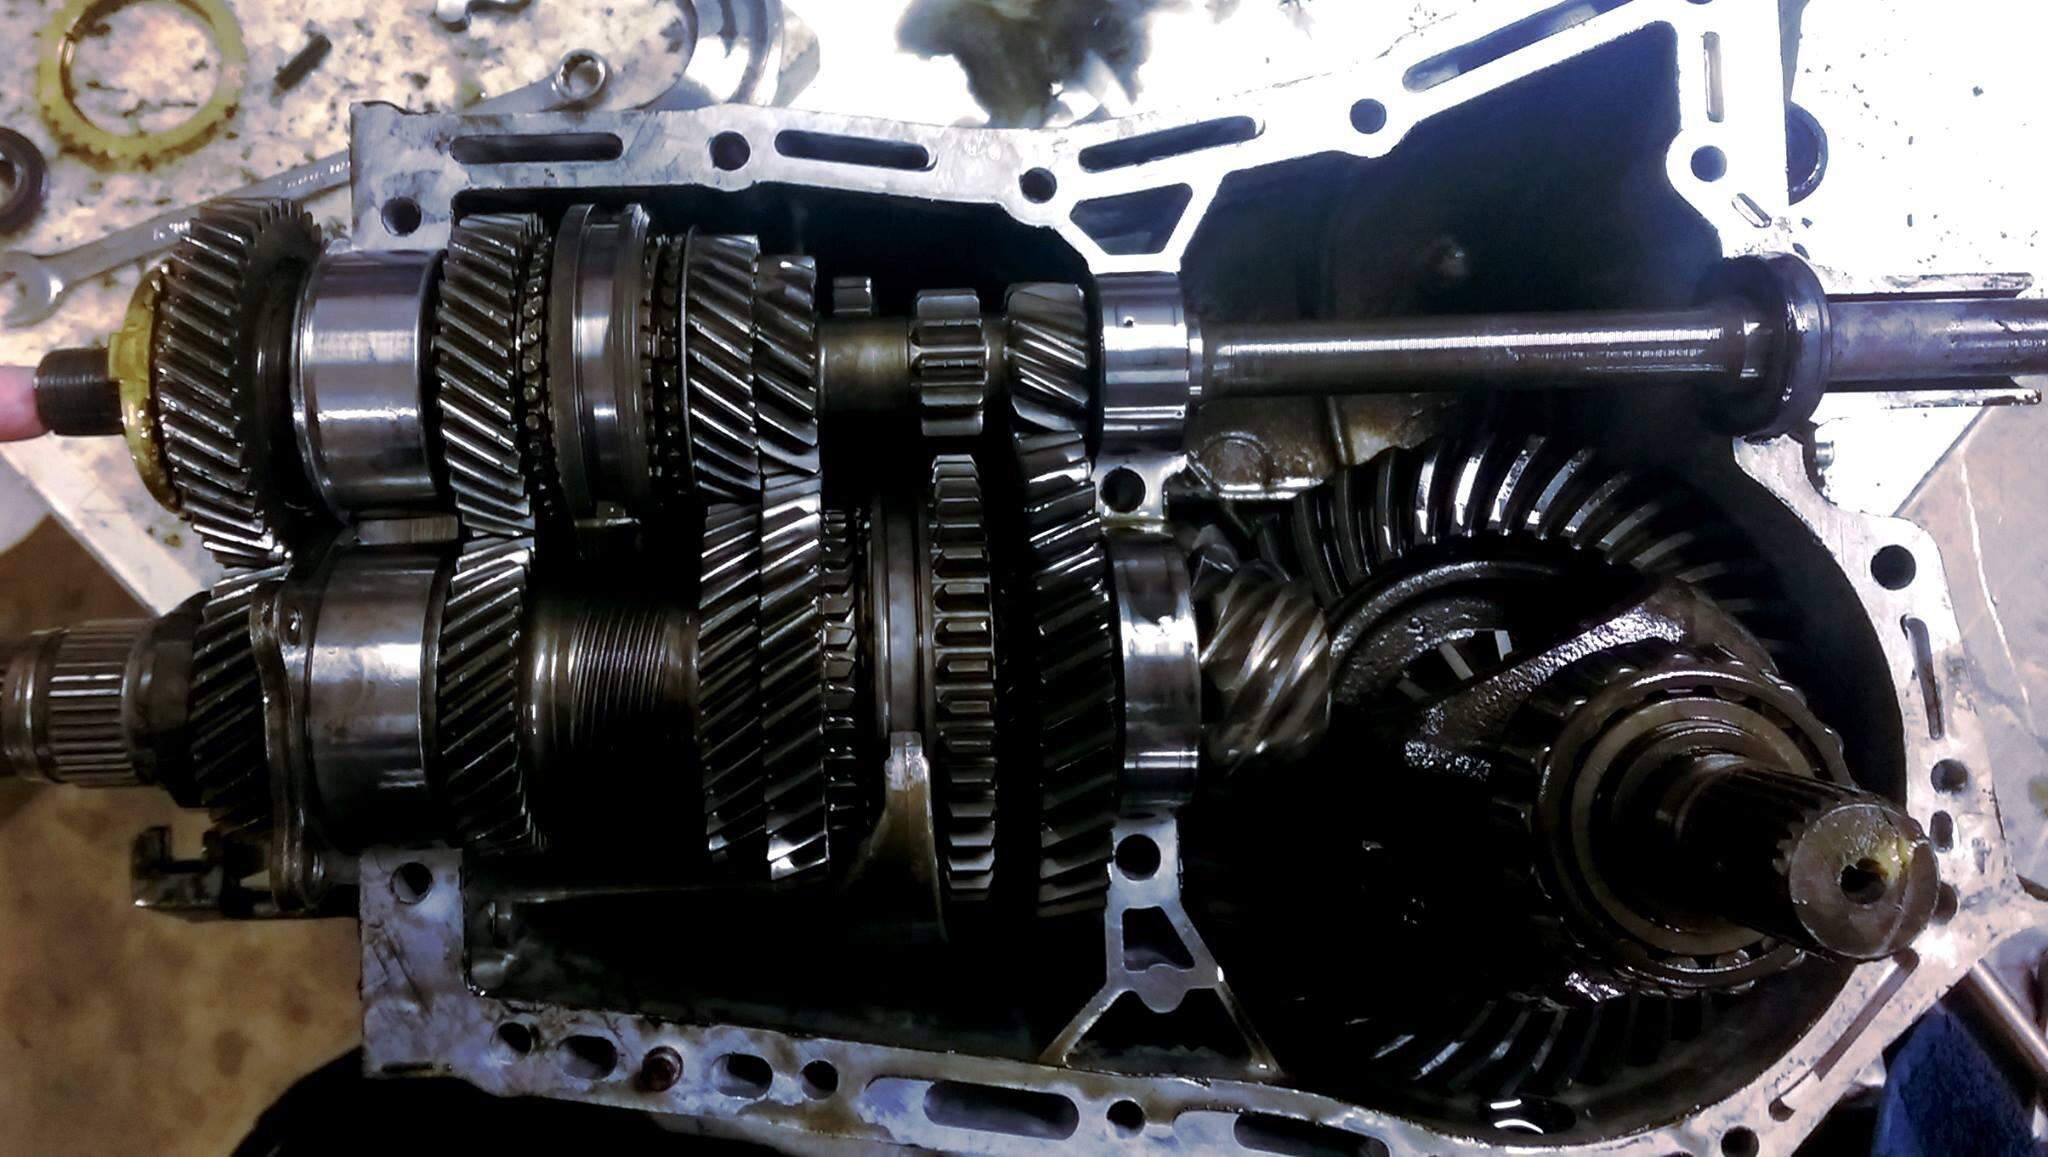 Subaru manual gear box.jpg